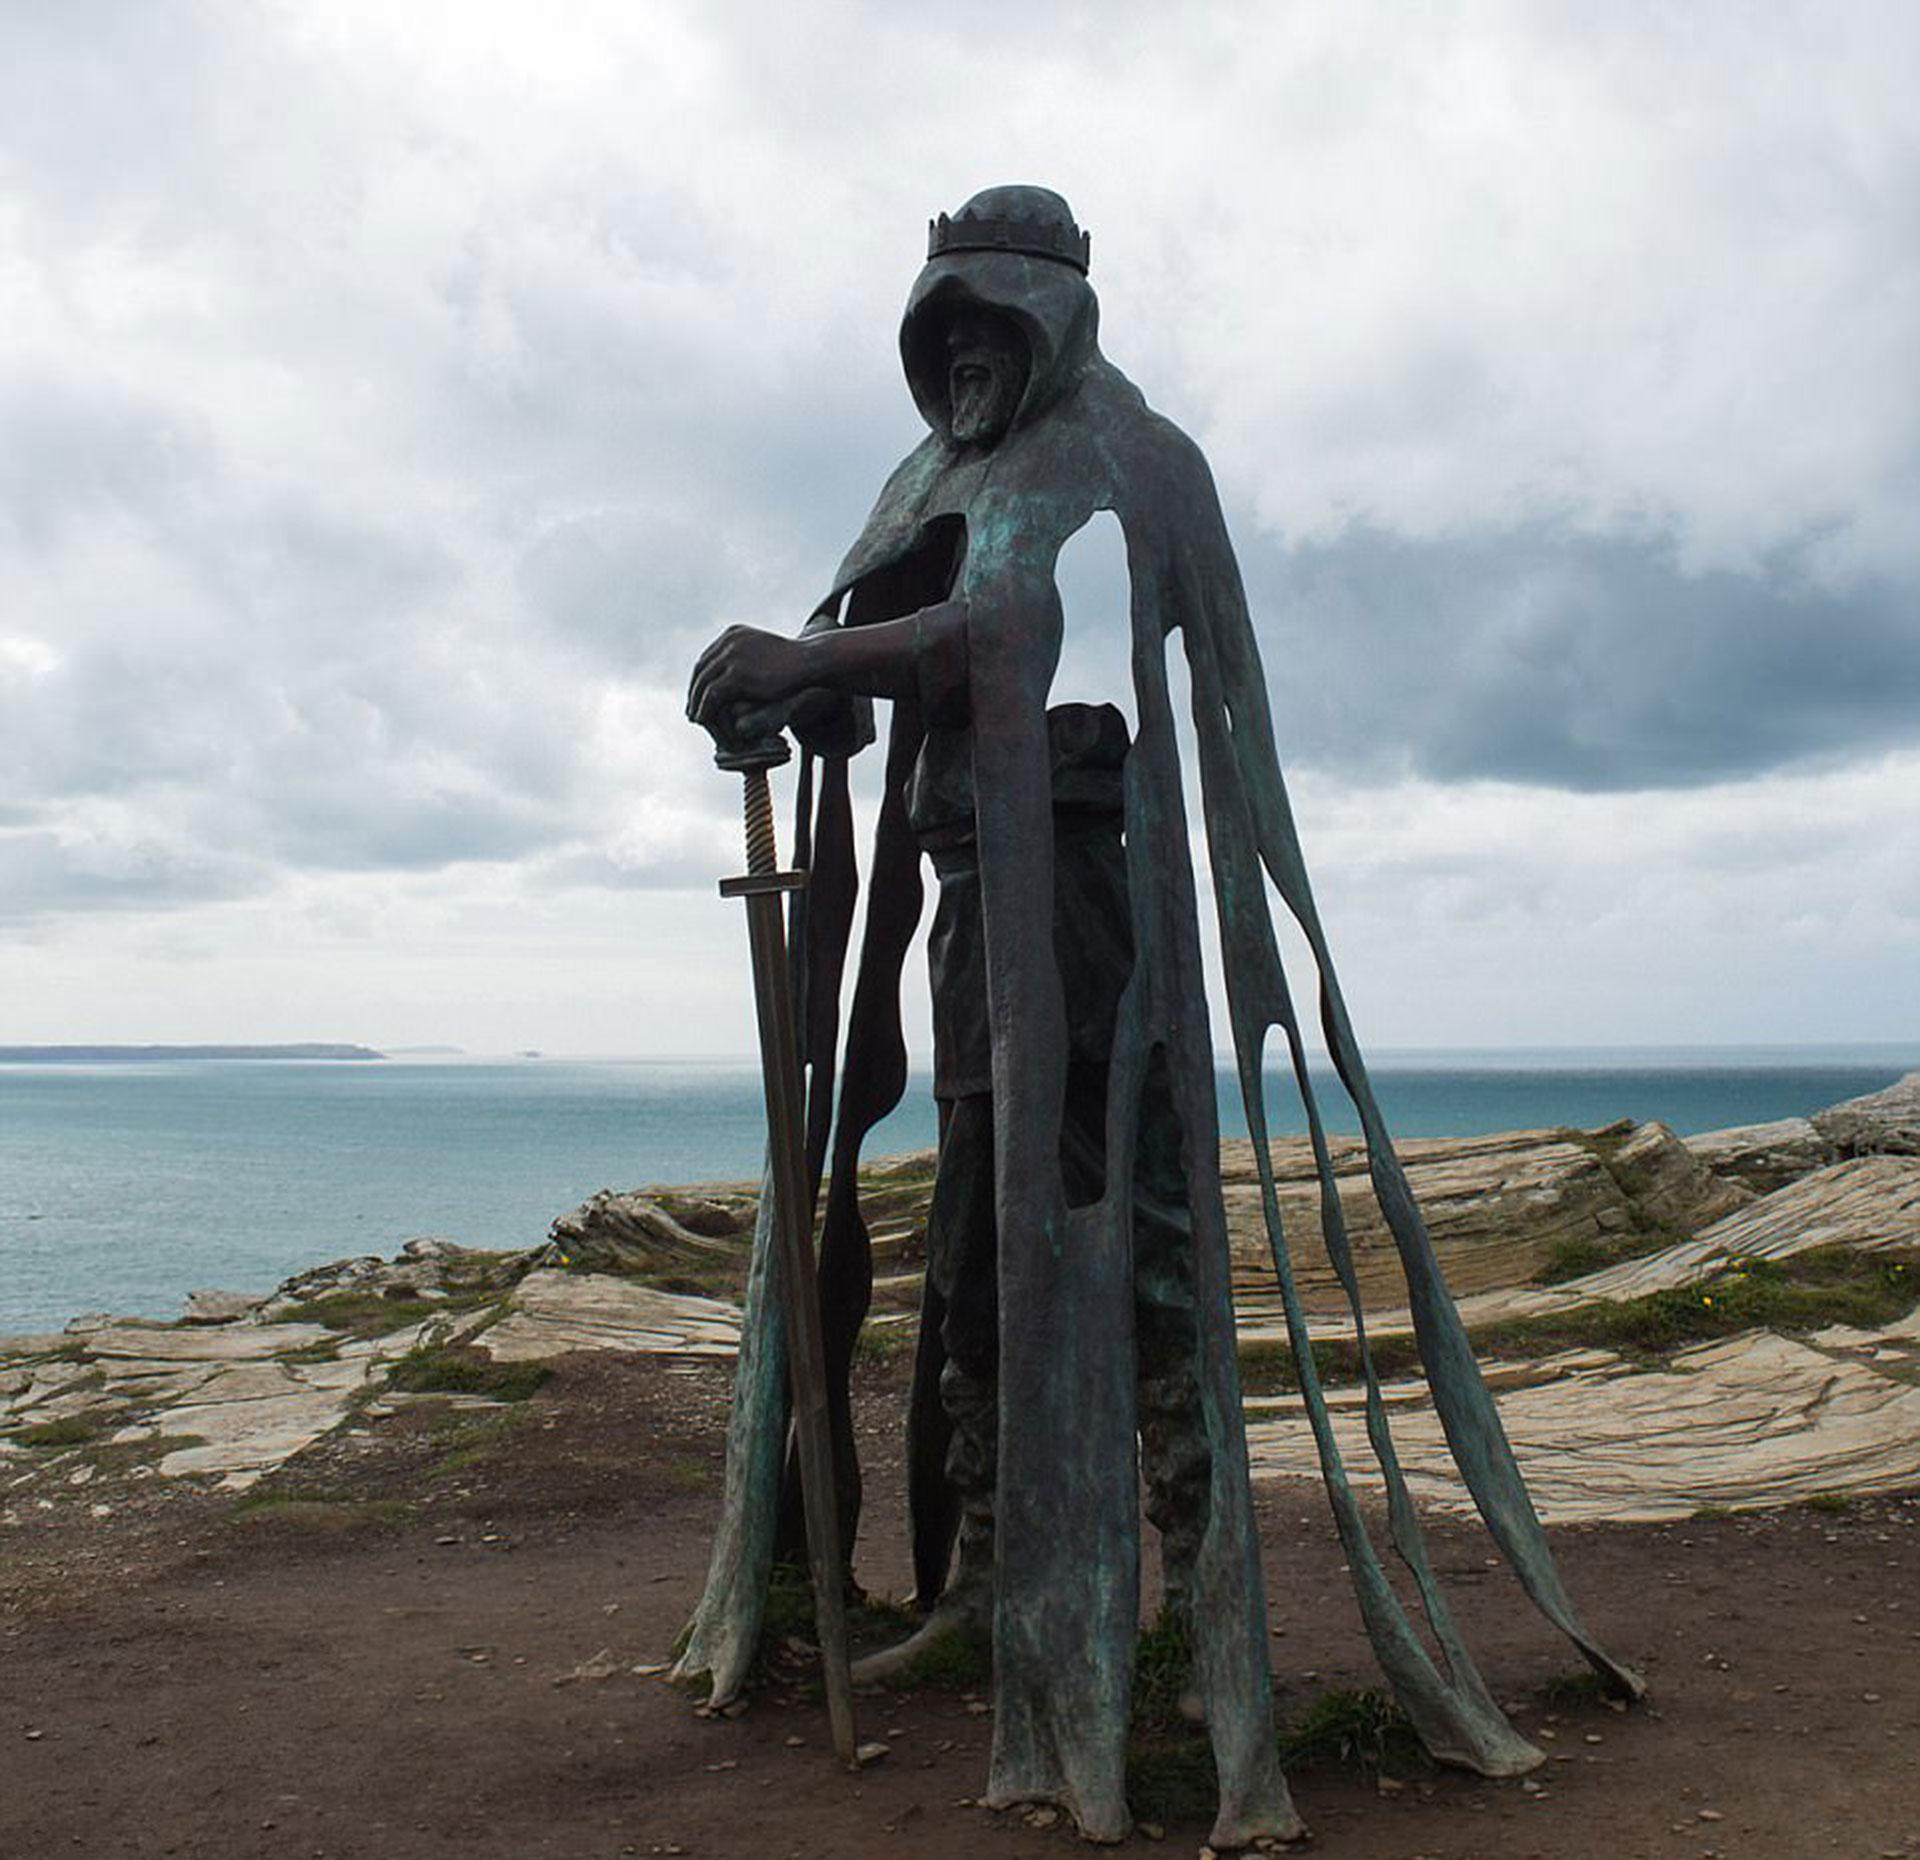 """Tintagel Castle por Marge Losasso. La estatua es de Gallos, que significa """"poder"""" en el dialecto de Cornwall, Reino Unido"""